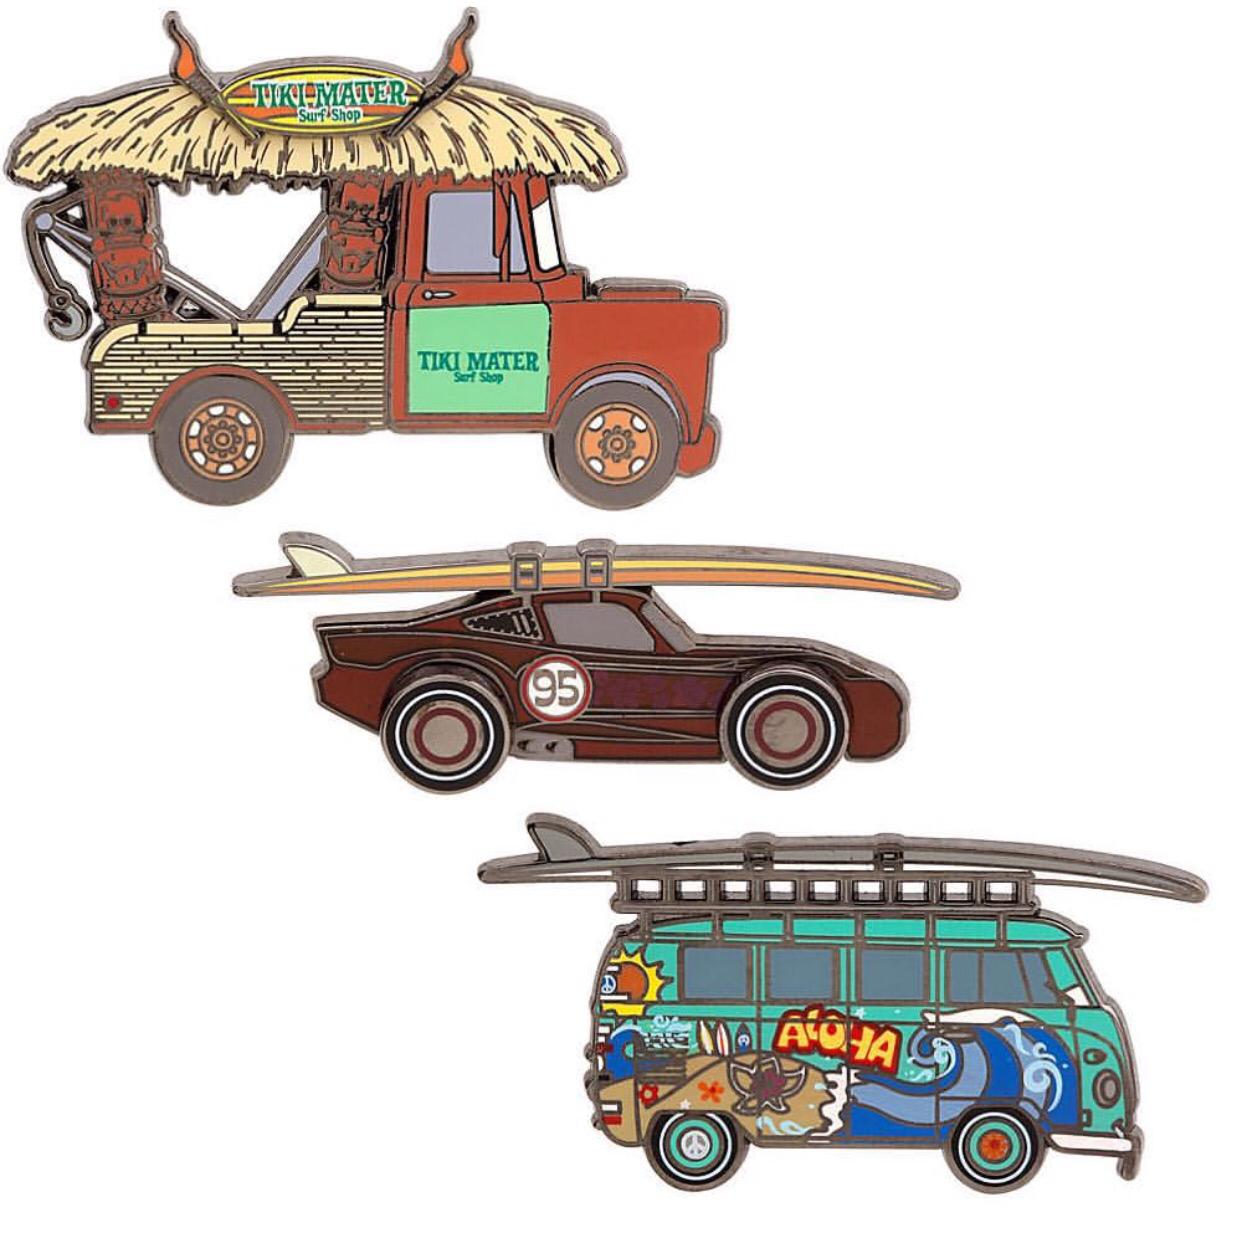 D23 Expo 2015 Pixar Cars Pin Set